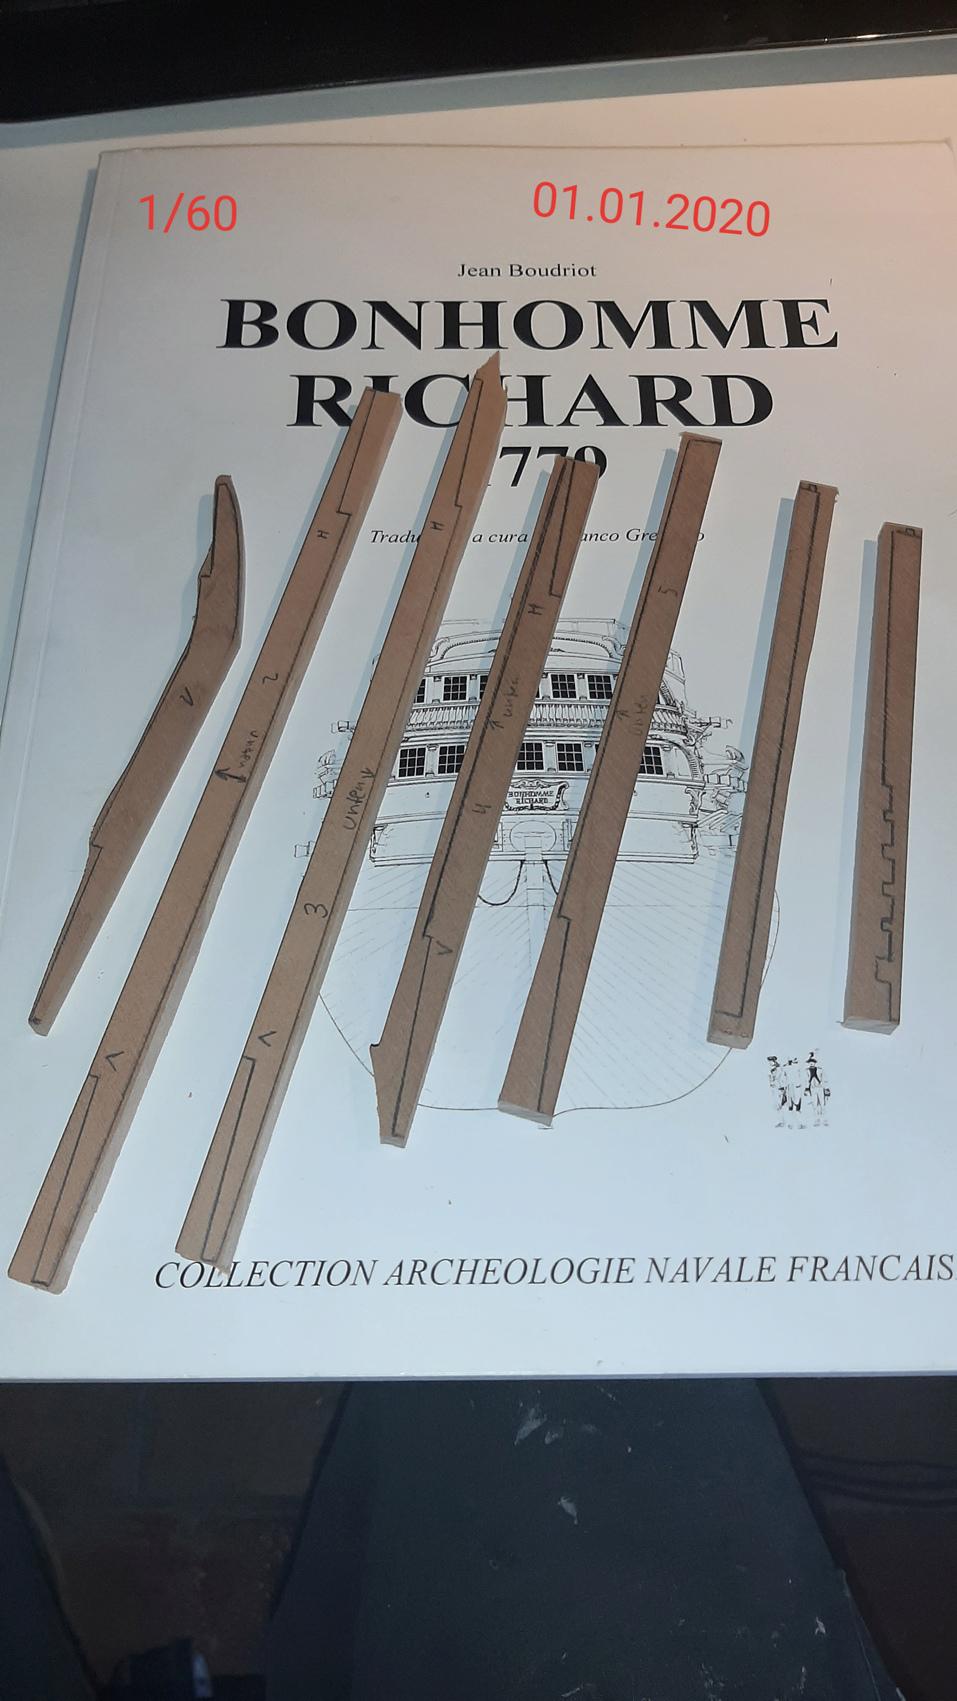 Bonhomme Richard 1779, échelle 1/60 par mtbbiker 20200121